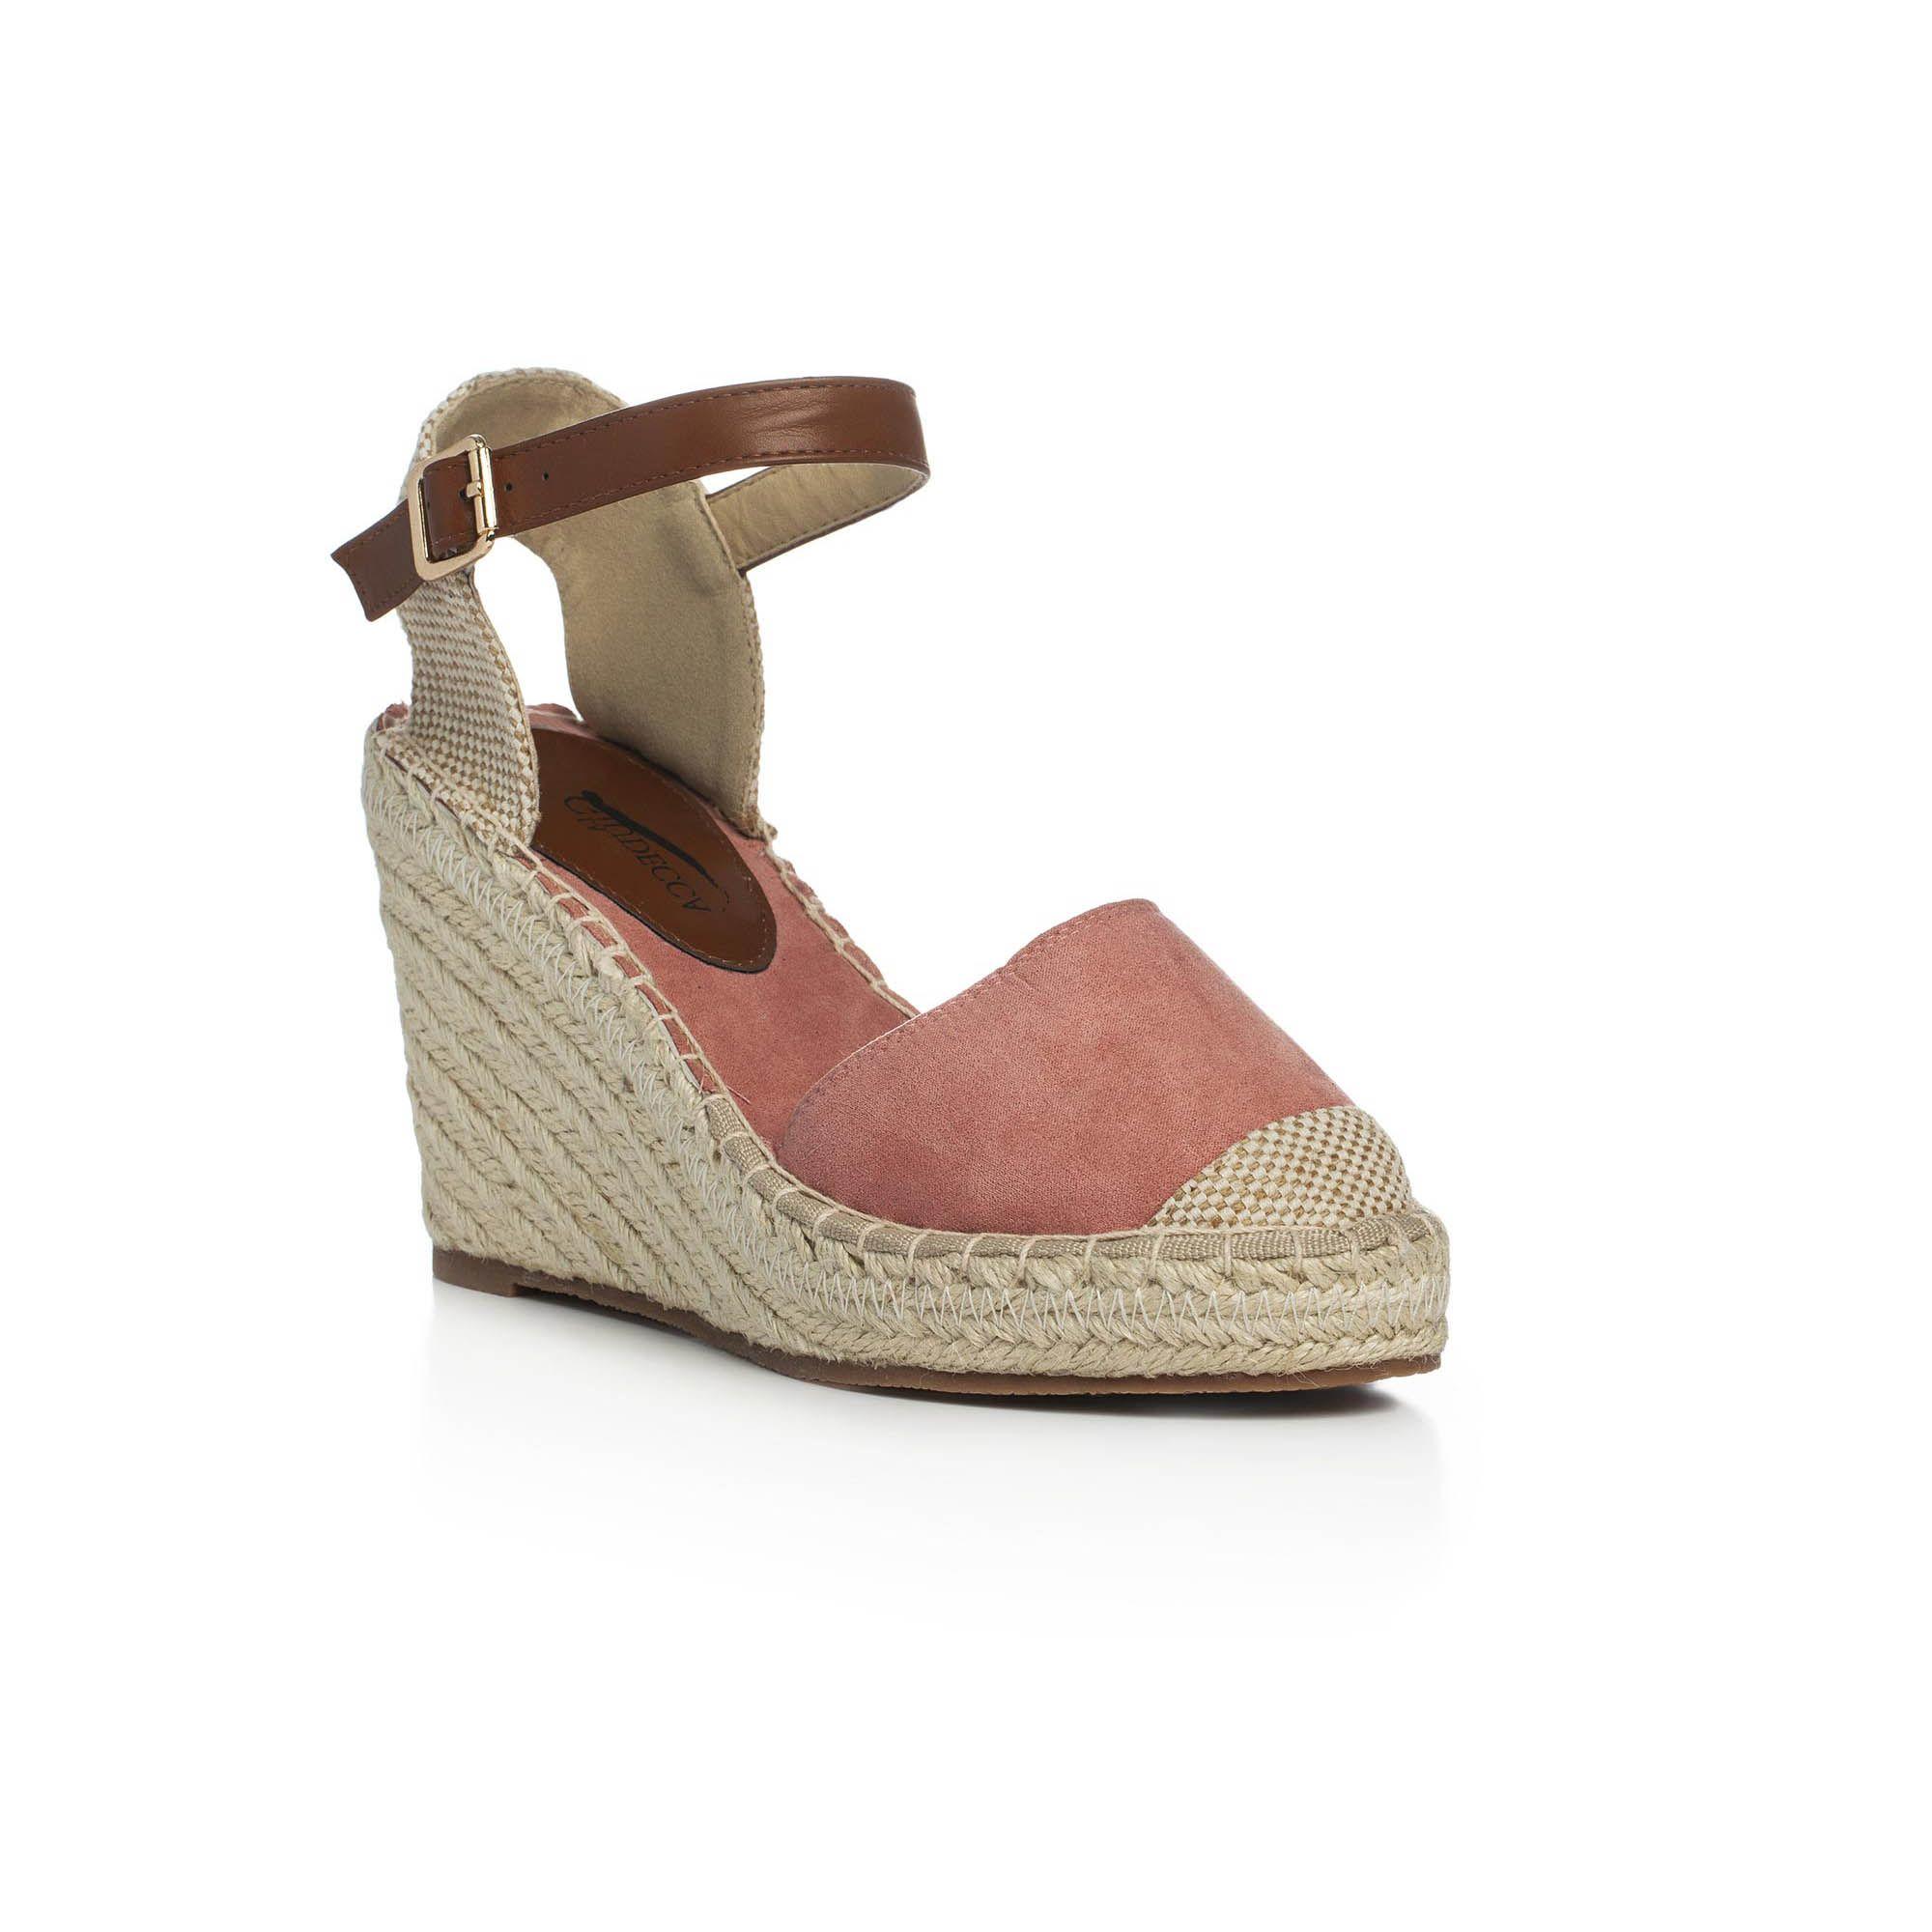 Zeppa In Suede Pittarosso Sandalo Con Color Ss16 RosaWardrobe R5jqc34AL